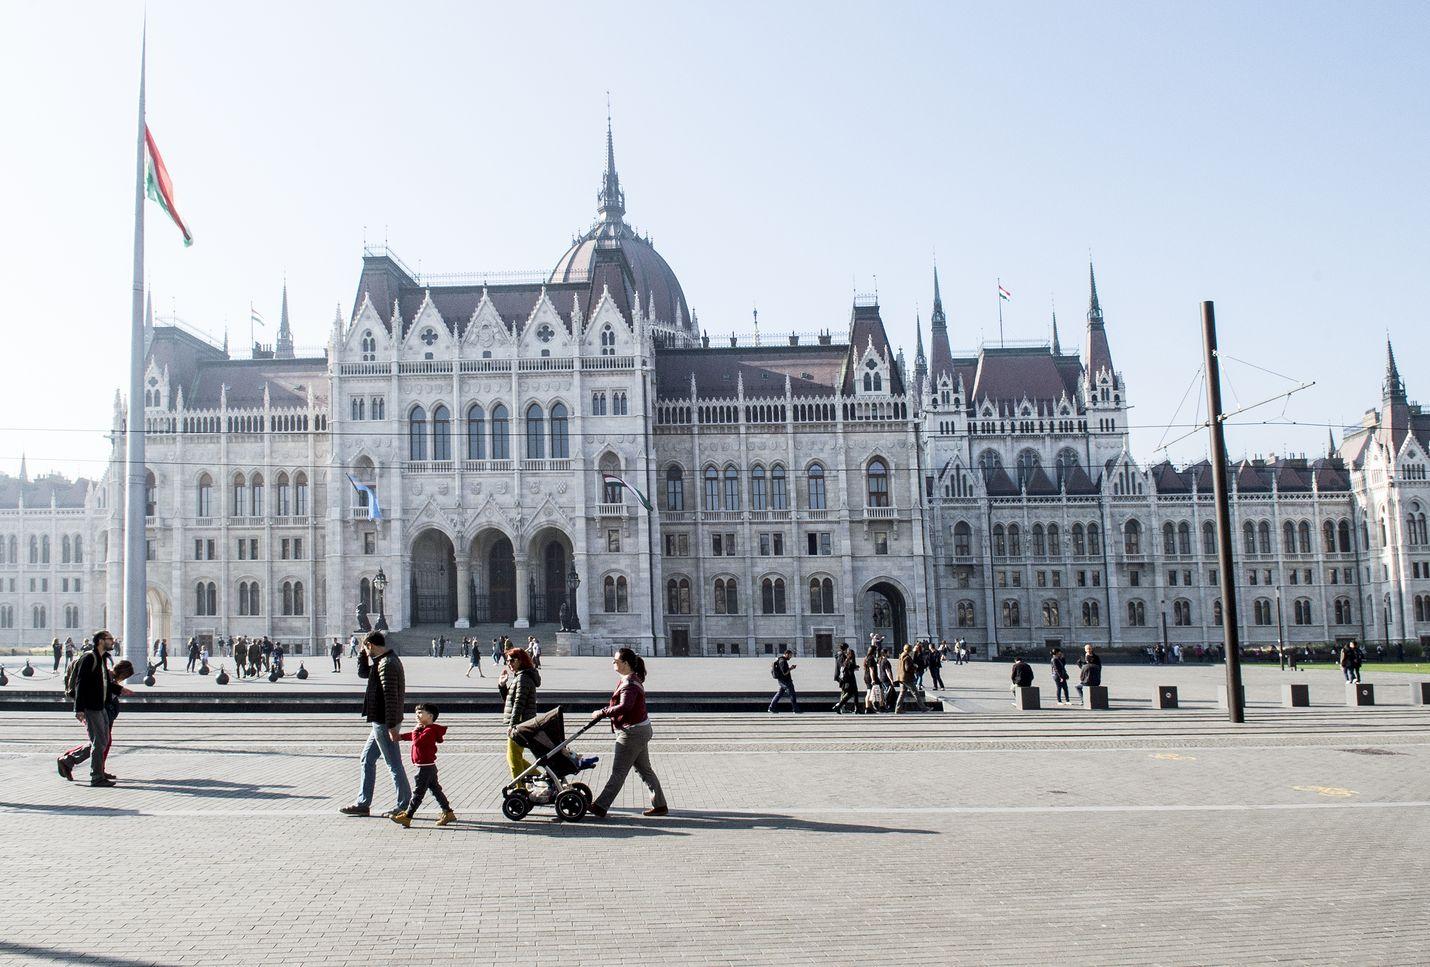 Unkarin järjestelmä ja sen toiminta on herättänyt kansassa myös voimakasta vastustusta. Pääkaupunki Budapestissa sijaitsevan Unkarin parlamenttitalon edusta on toiminut paikkana esimerkiksi niin sanottua orjalakia vastustaville mielenosoituksille.